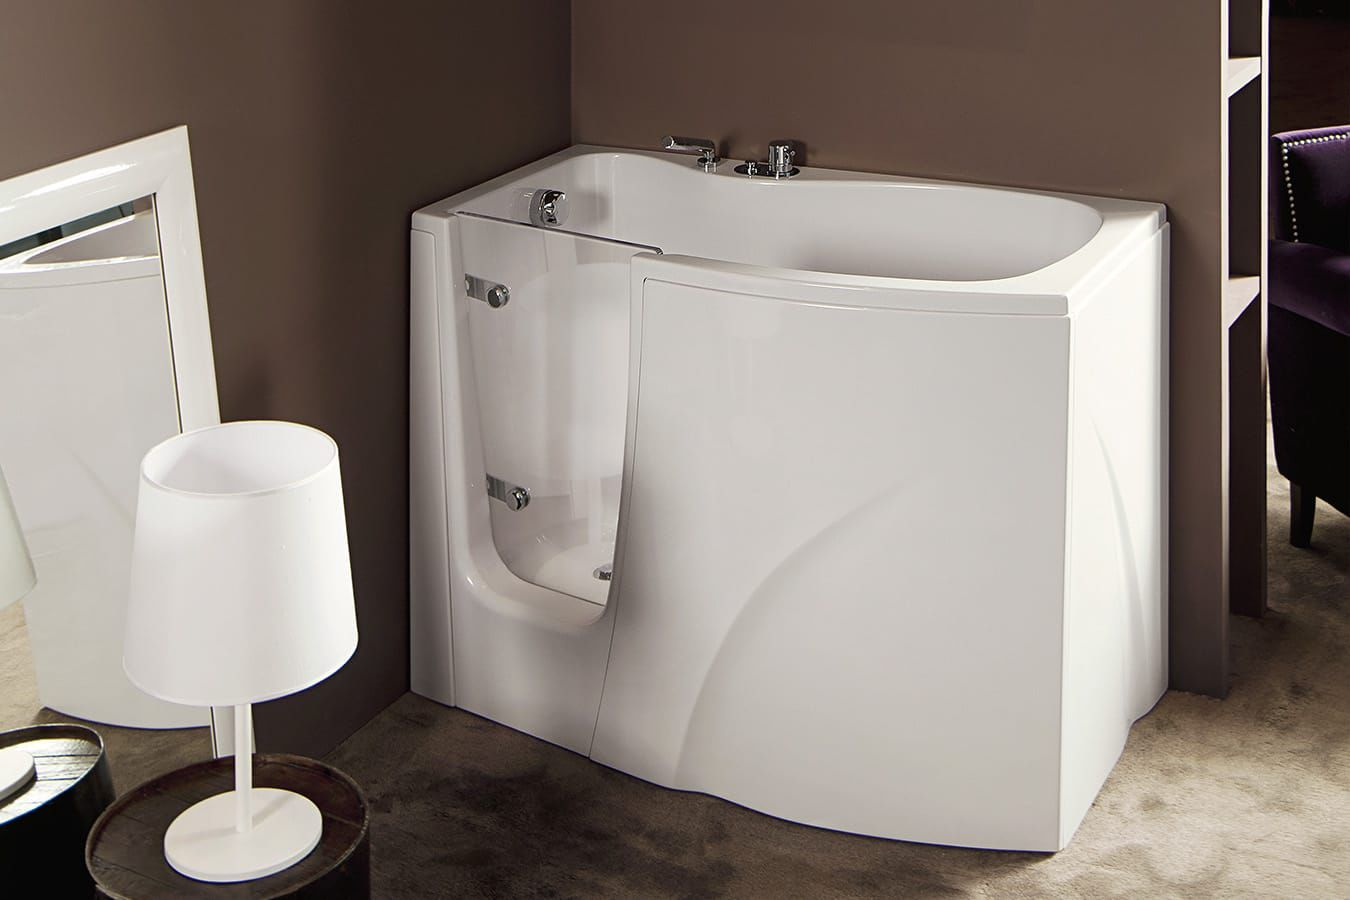 Vasca da bagno dangolo in acrilico per disabili con porte